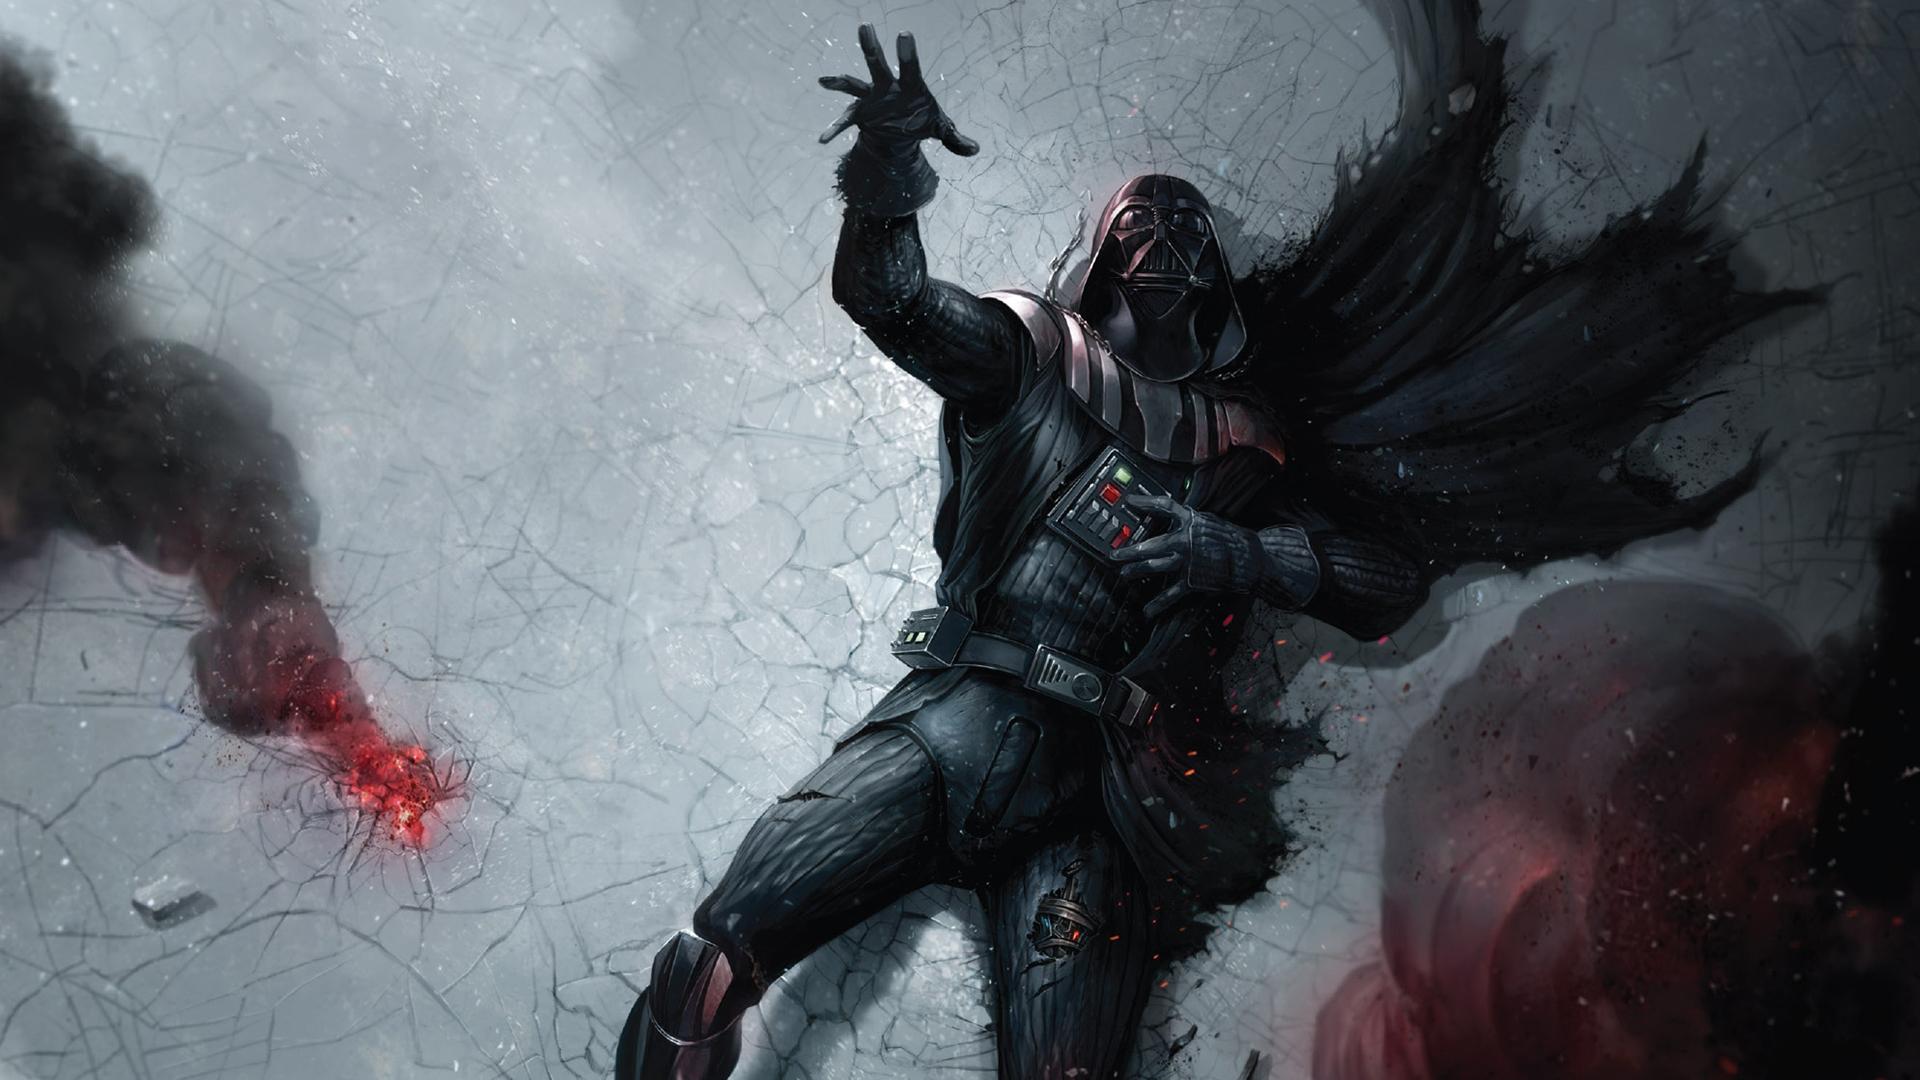 Darth Vader 2017 Comic Book Poster